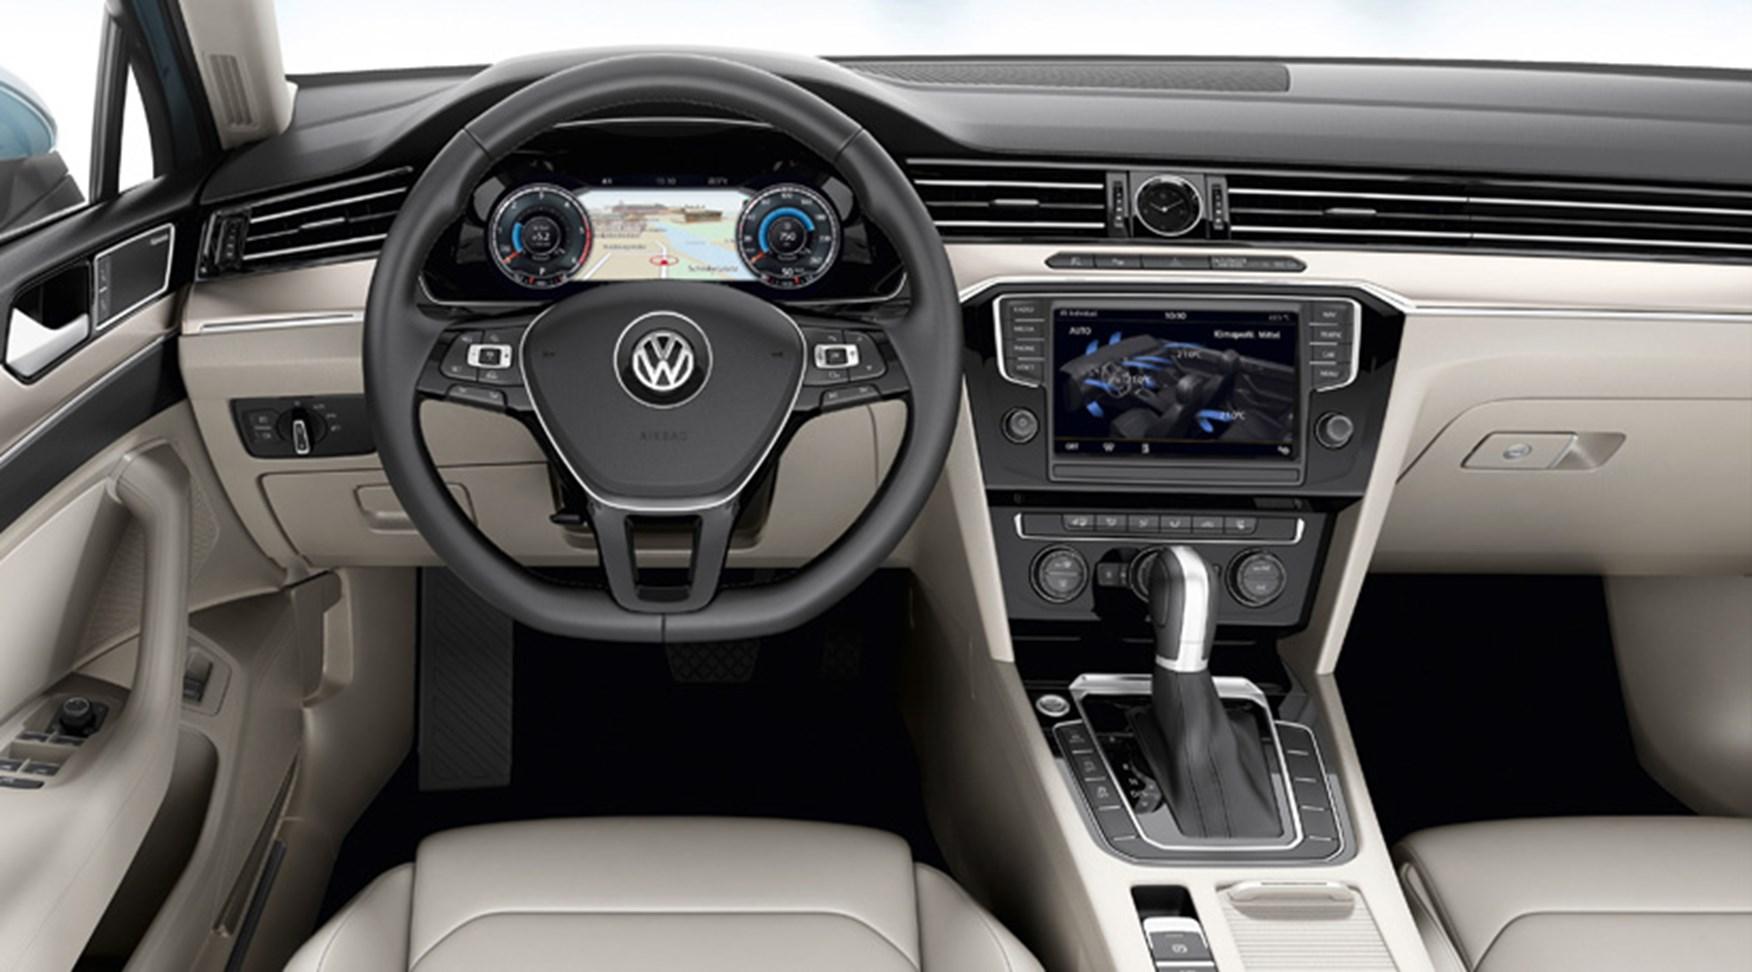 Volkswagen Passat 2014 First Pictures Vw S Passat Mk8